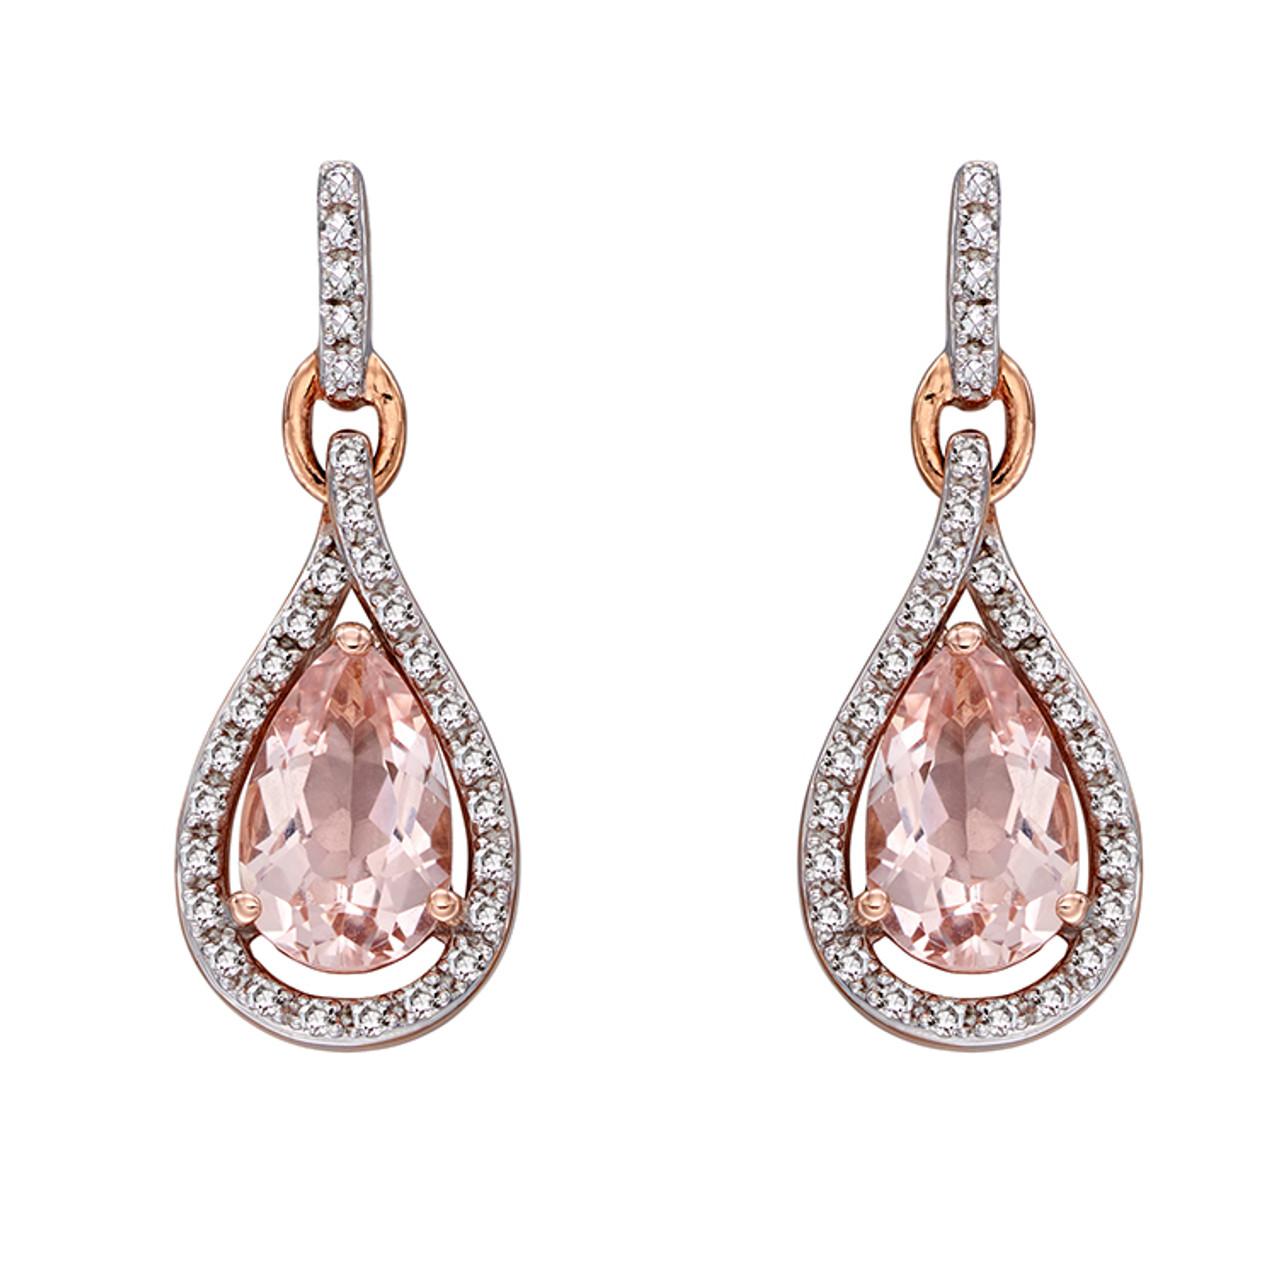 9ct Rose Gold Morganite & Diamond Drop Earrings